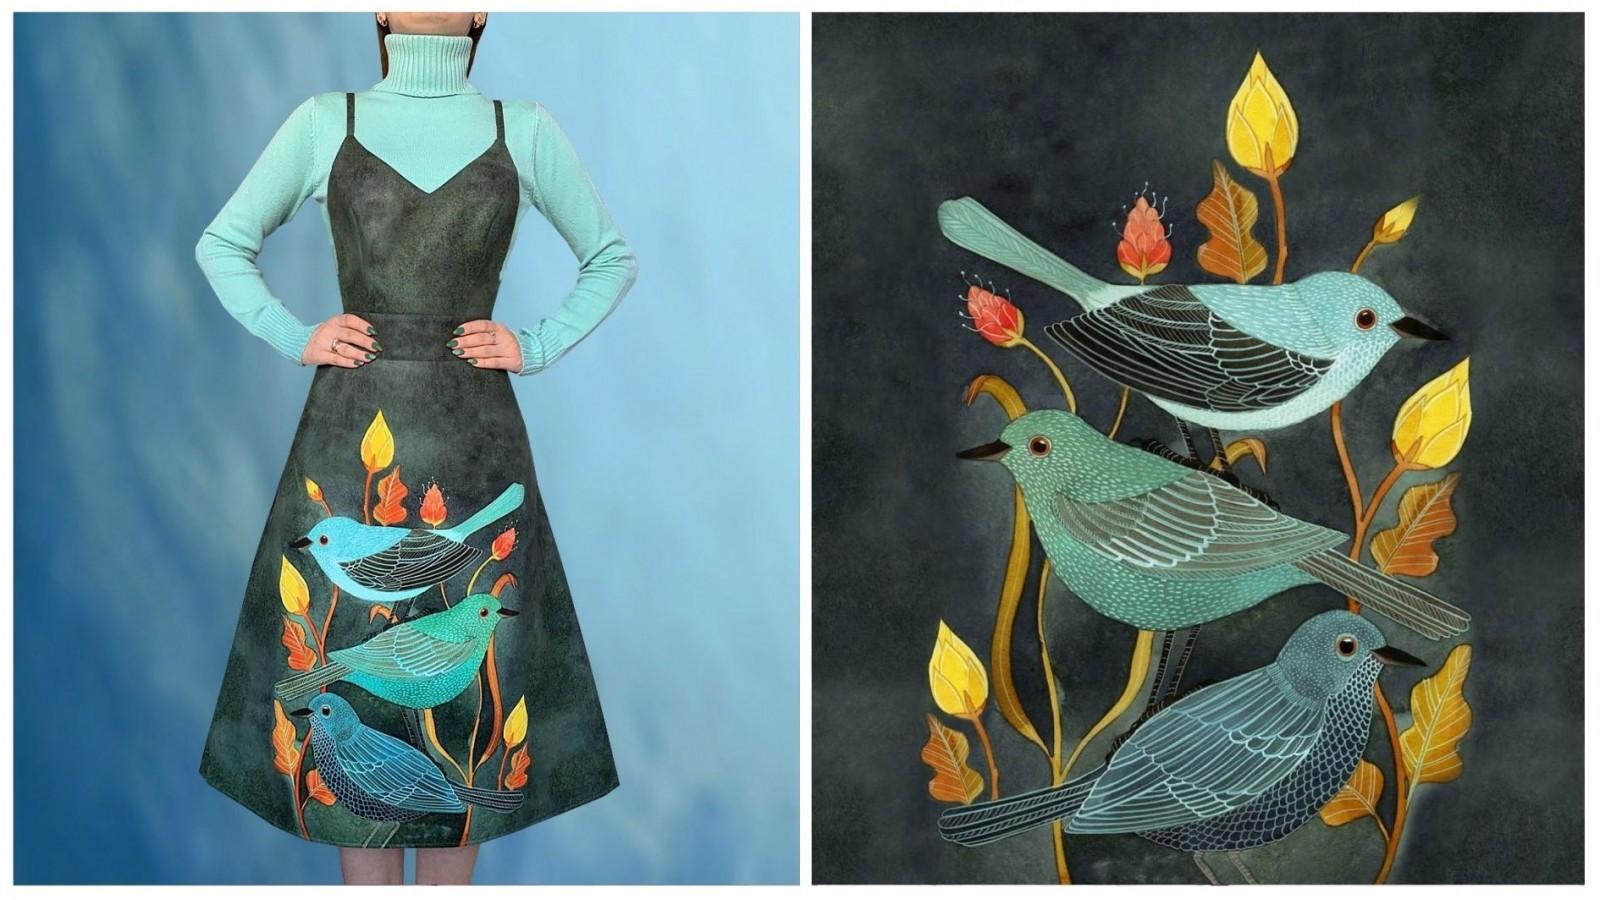 Сарафан Тропиканка (Три птицы), стоимость 6900₽. Стоимость водолазки 1850₽